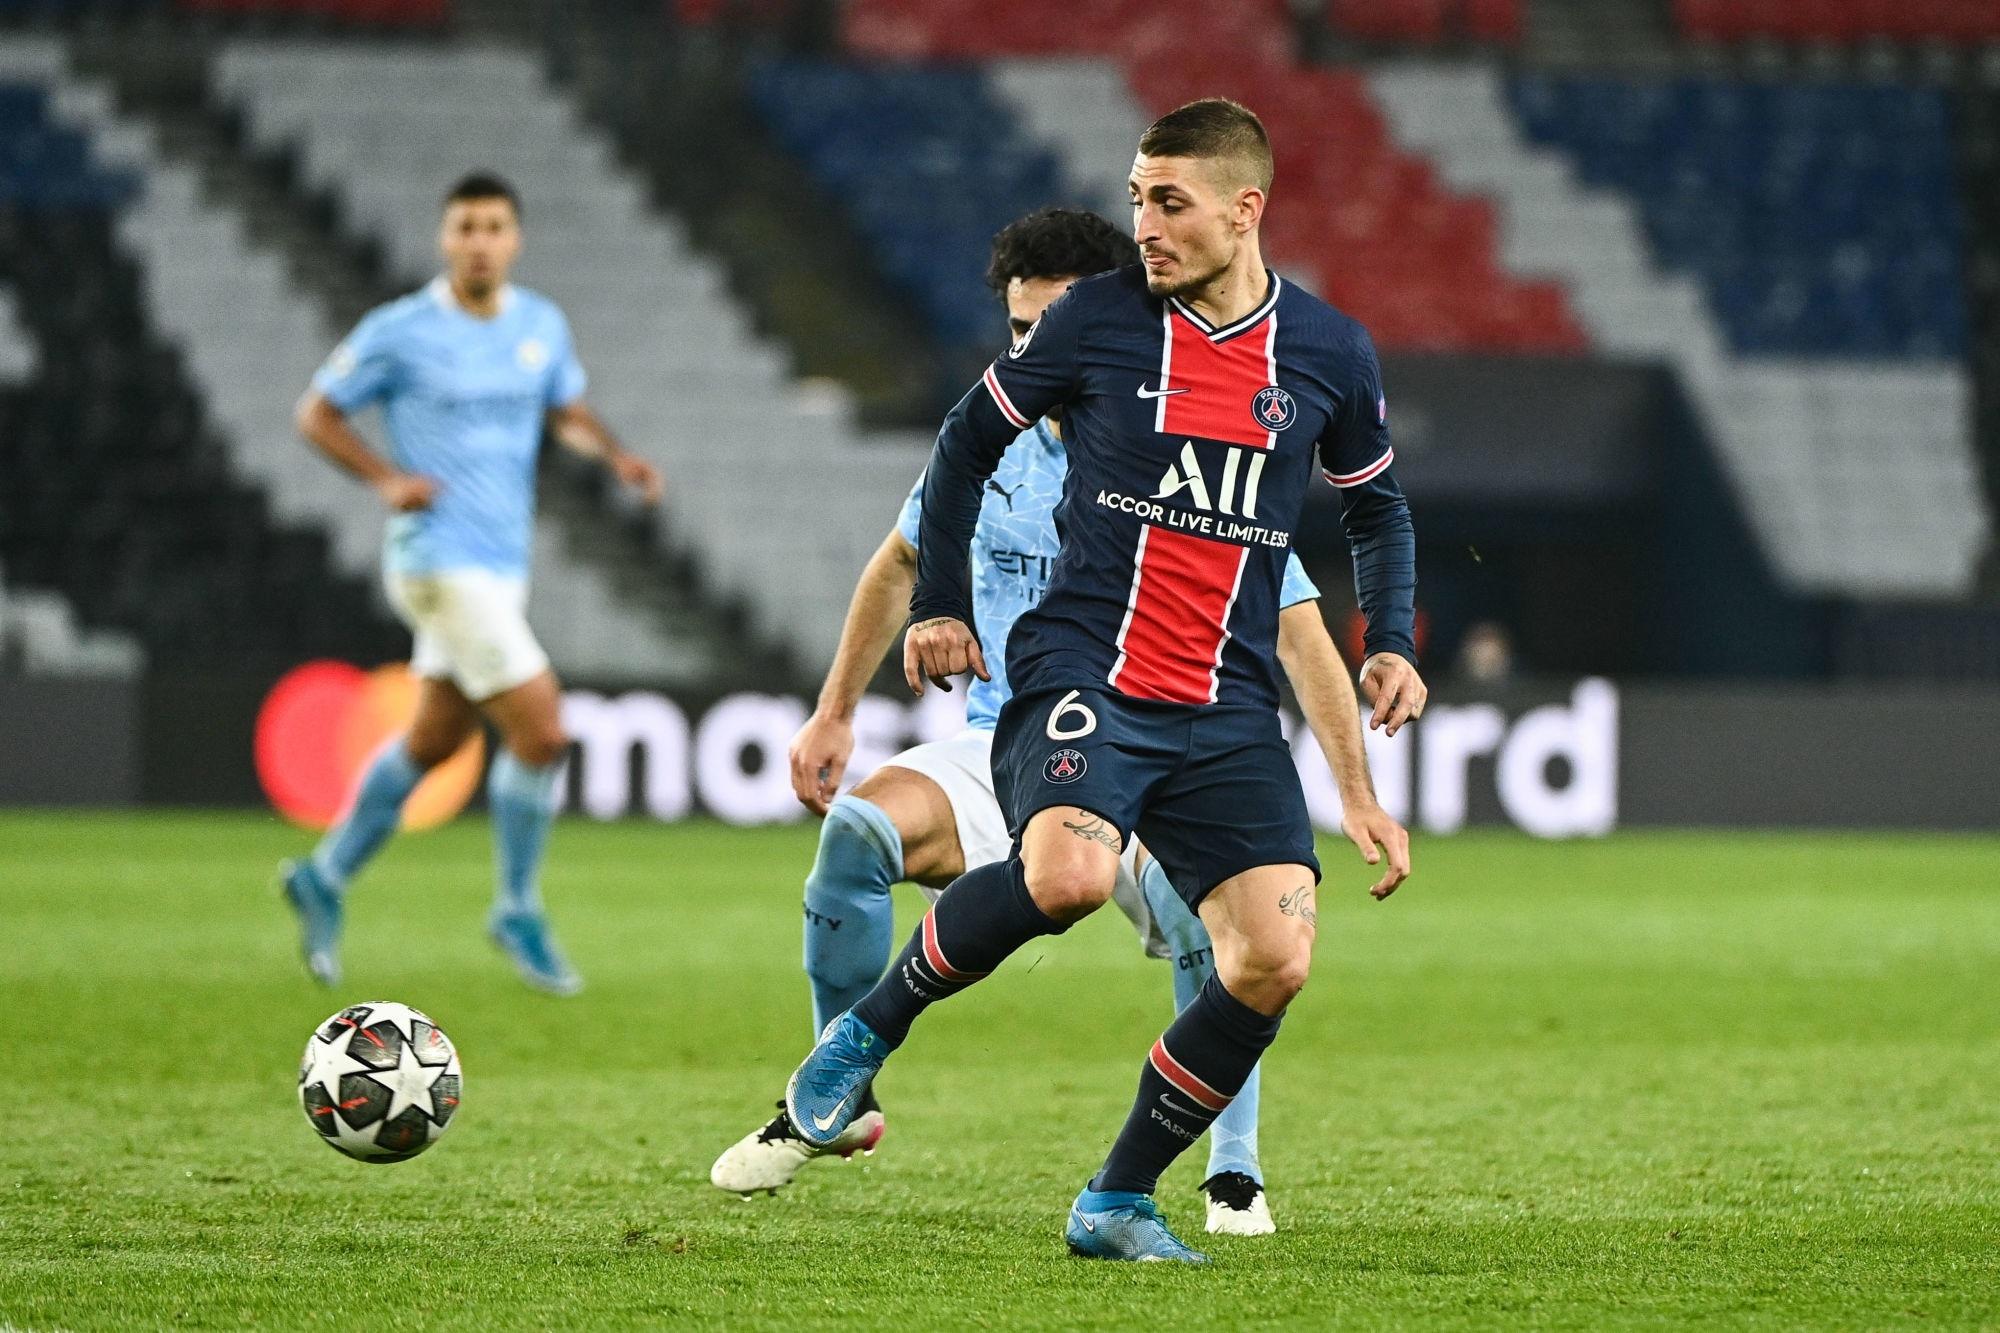 """City/PSG - Verratti a regardé la demi-finale aller """"4 fois"""" et évoque les clefs du match"""